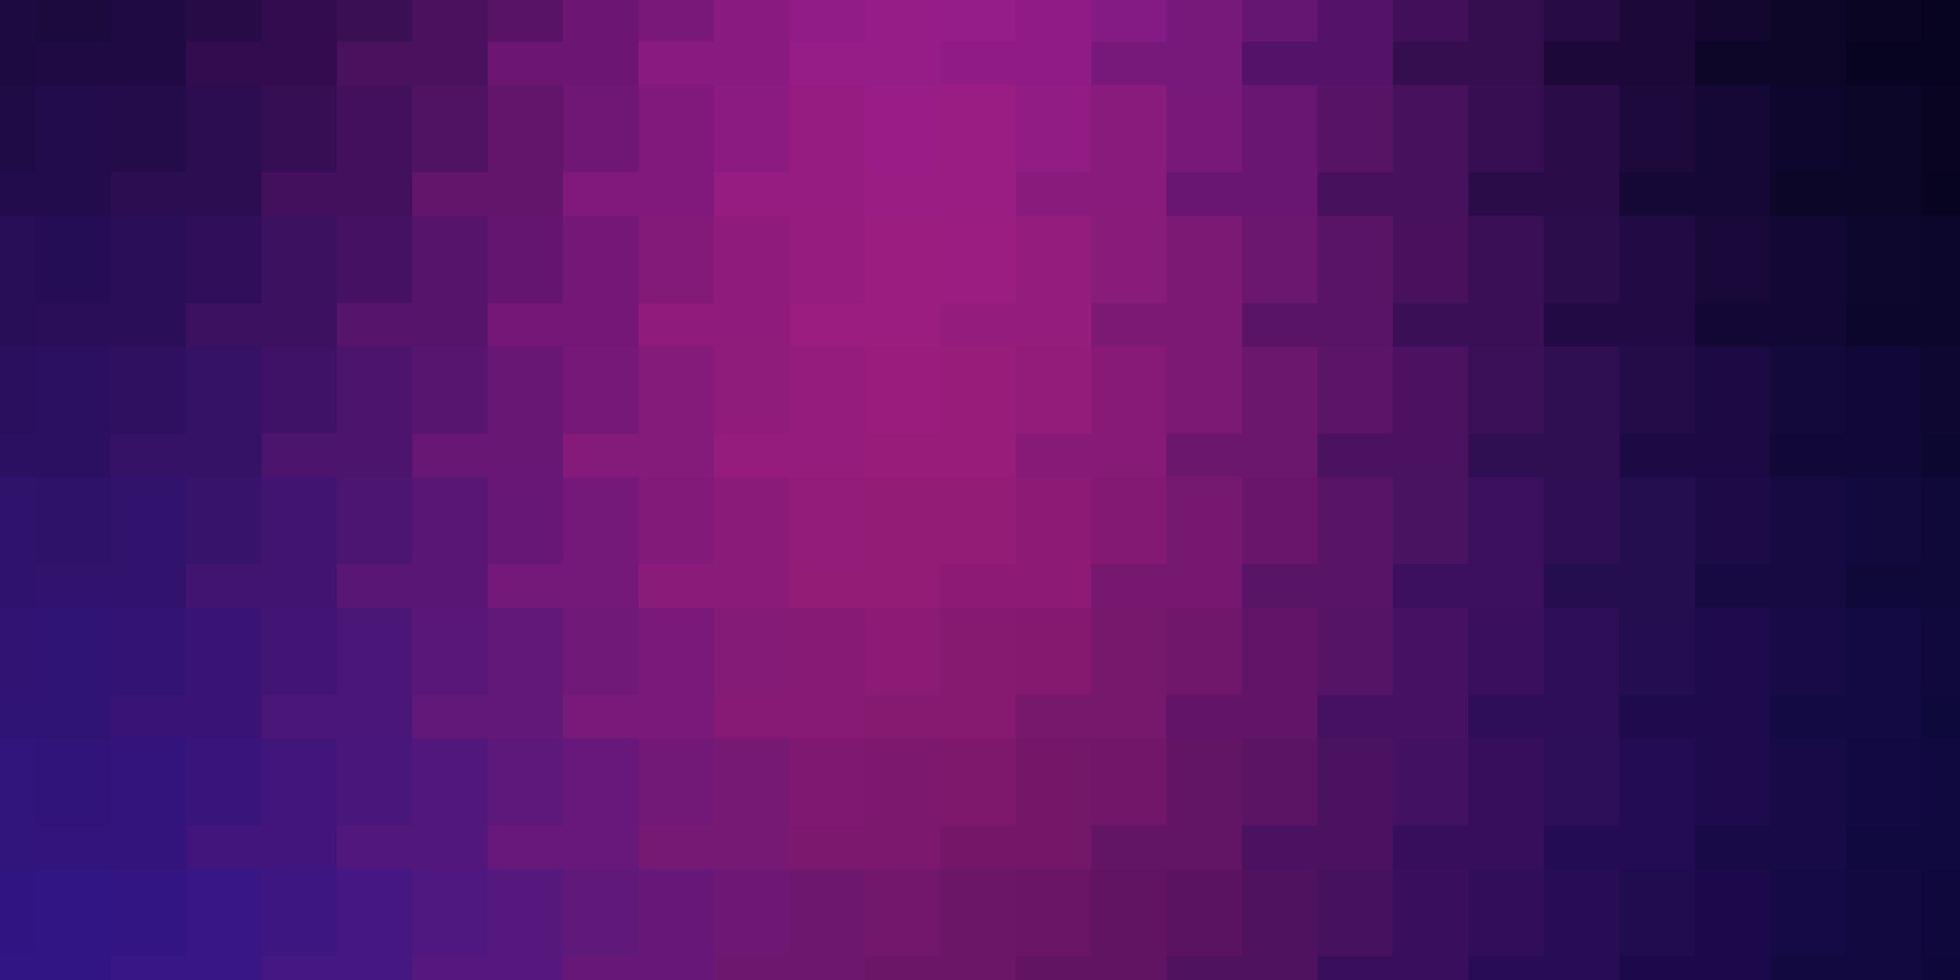 lichtpaars, roze vectorpatroon in vierkante stijl. vector